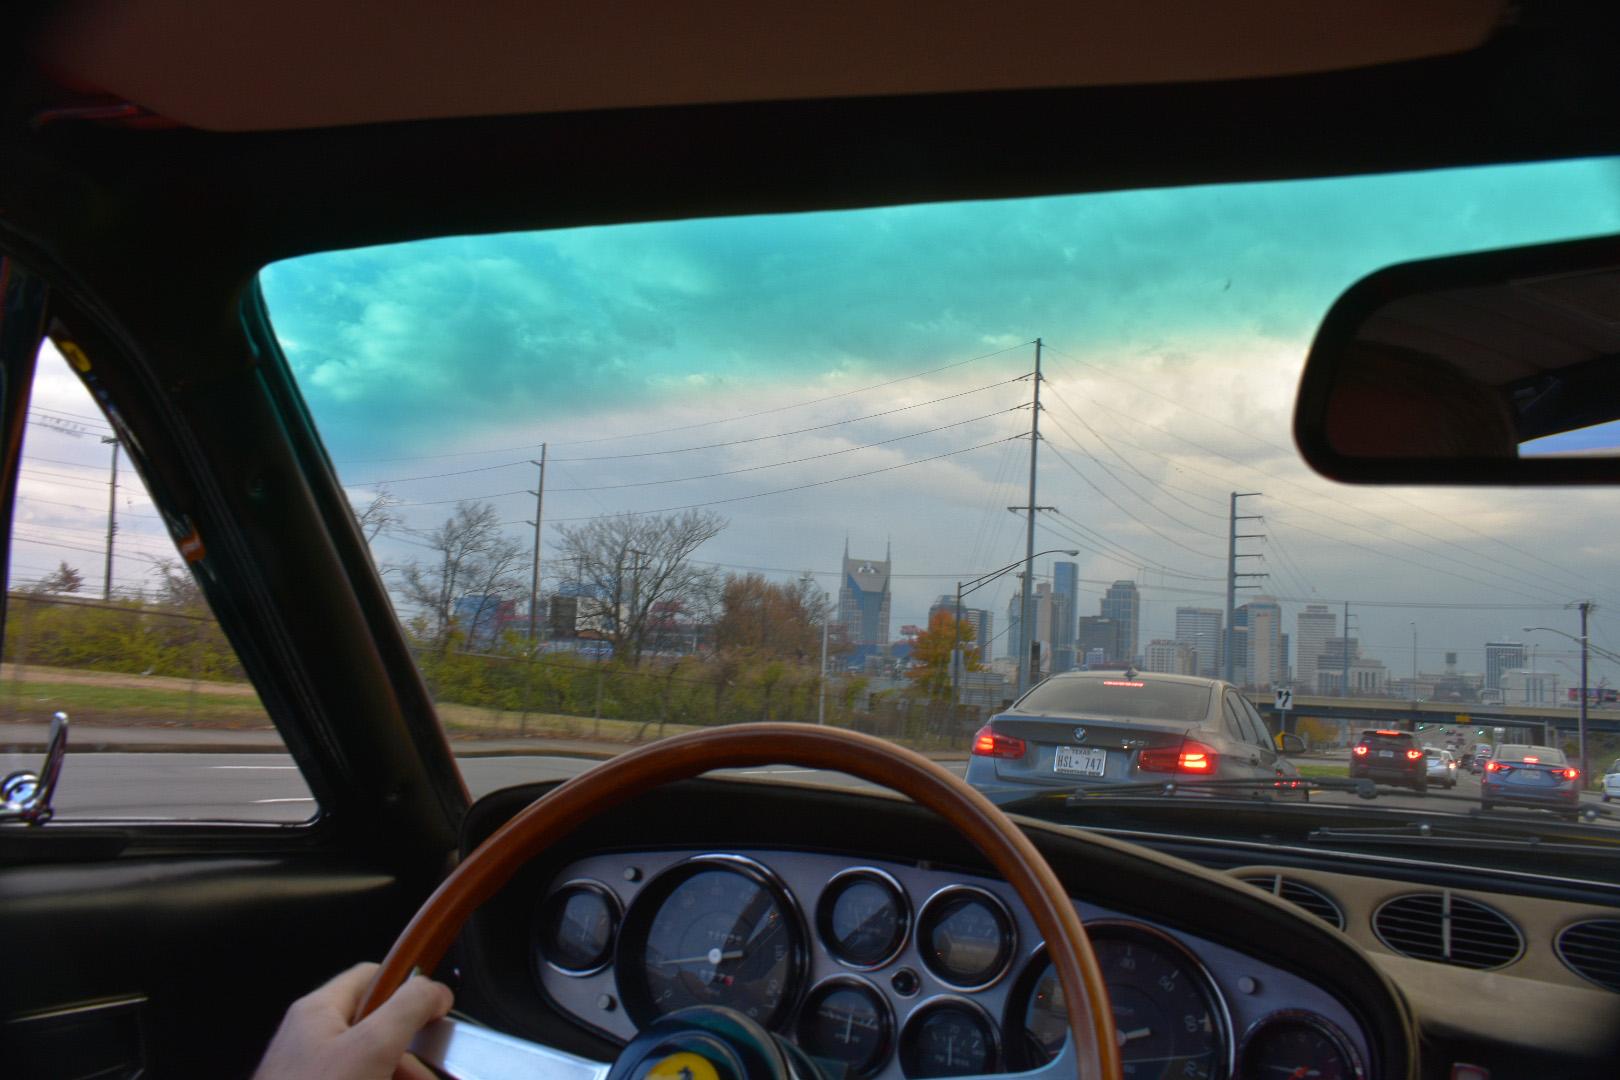 Nashville in the morning. Looks like rain.